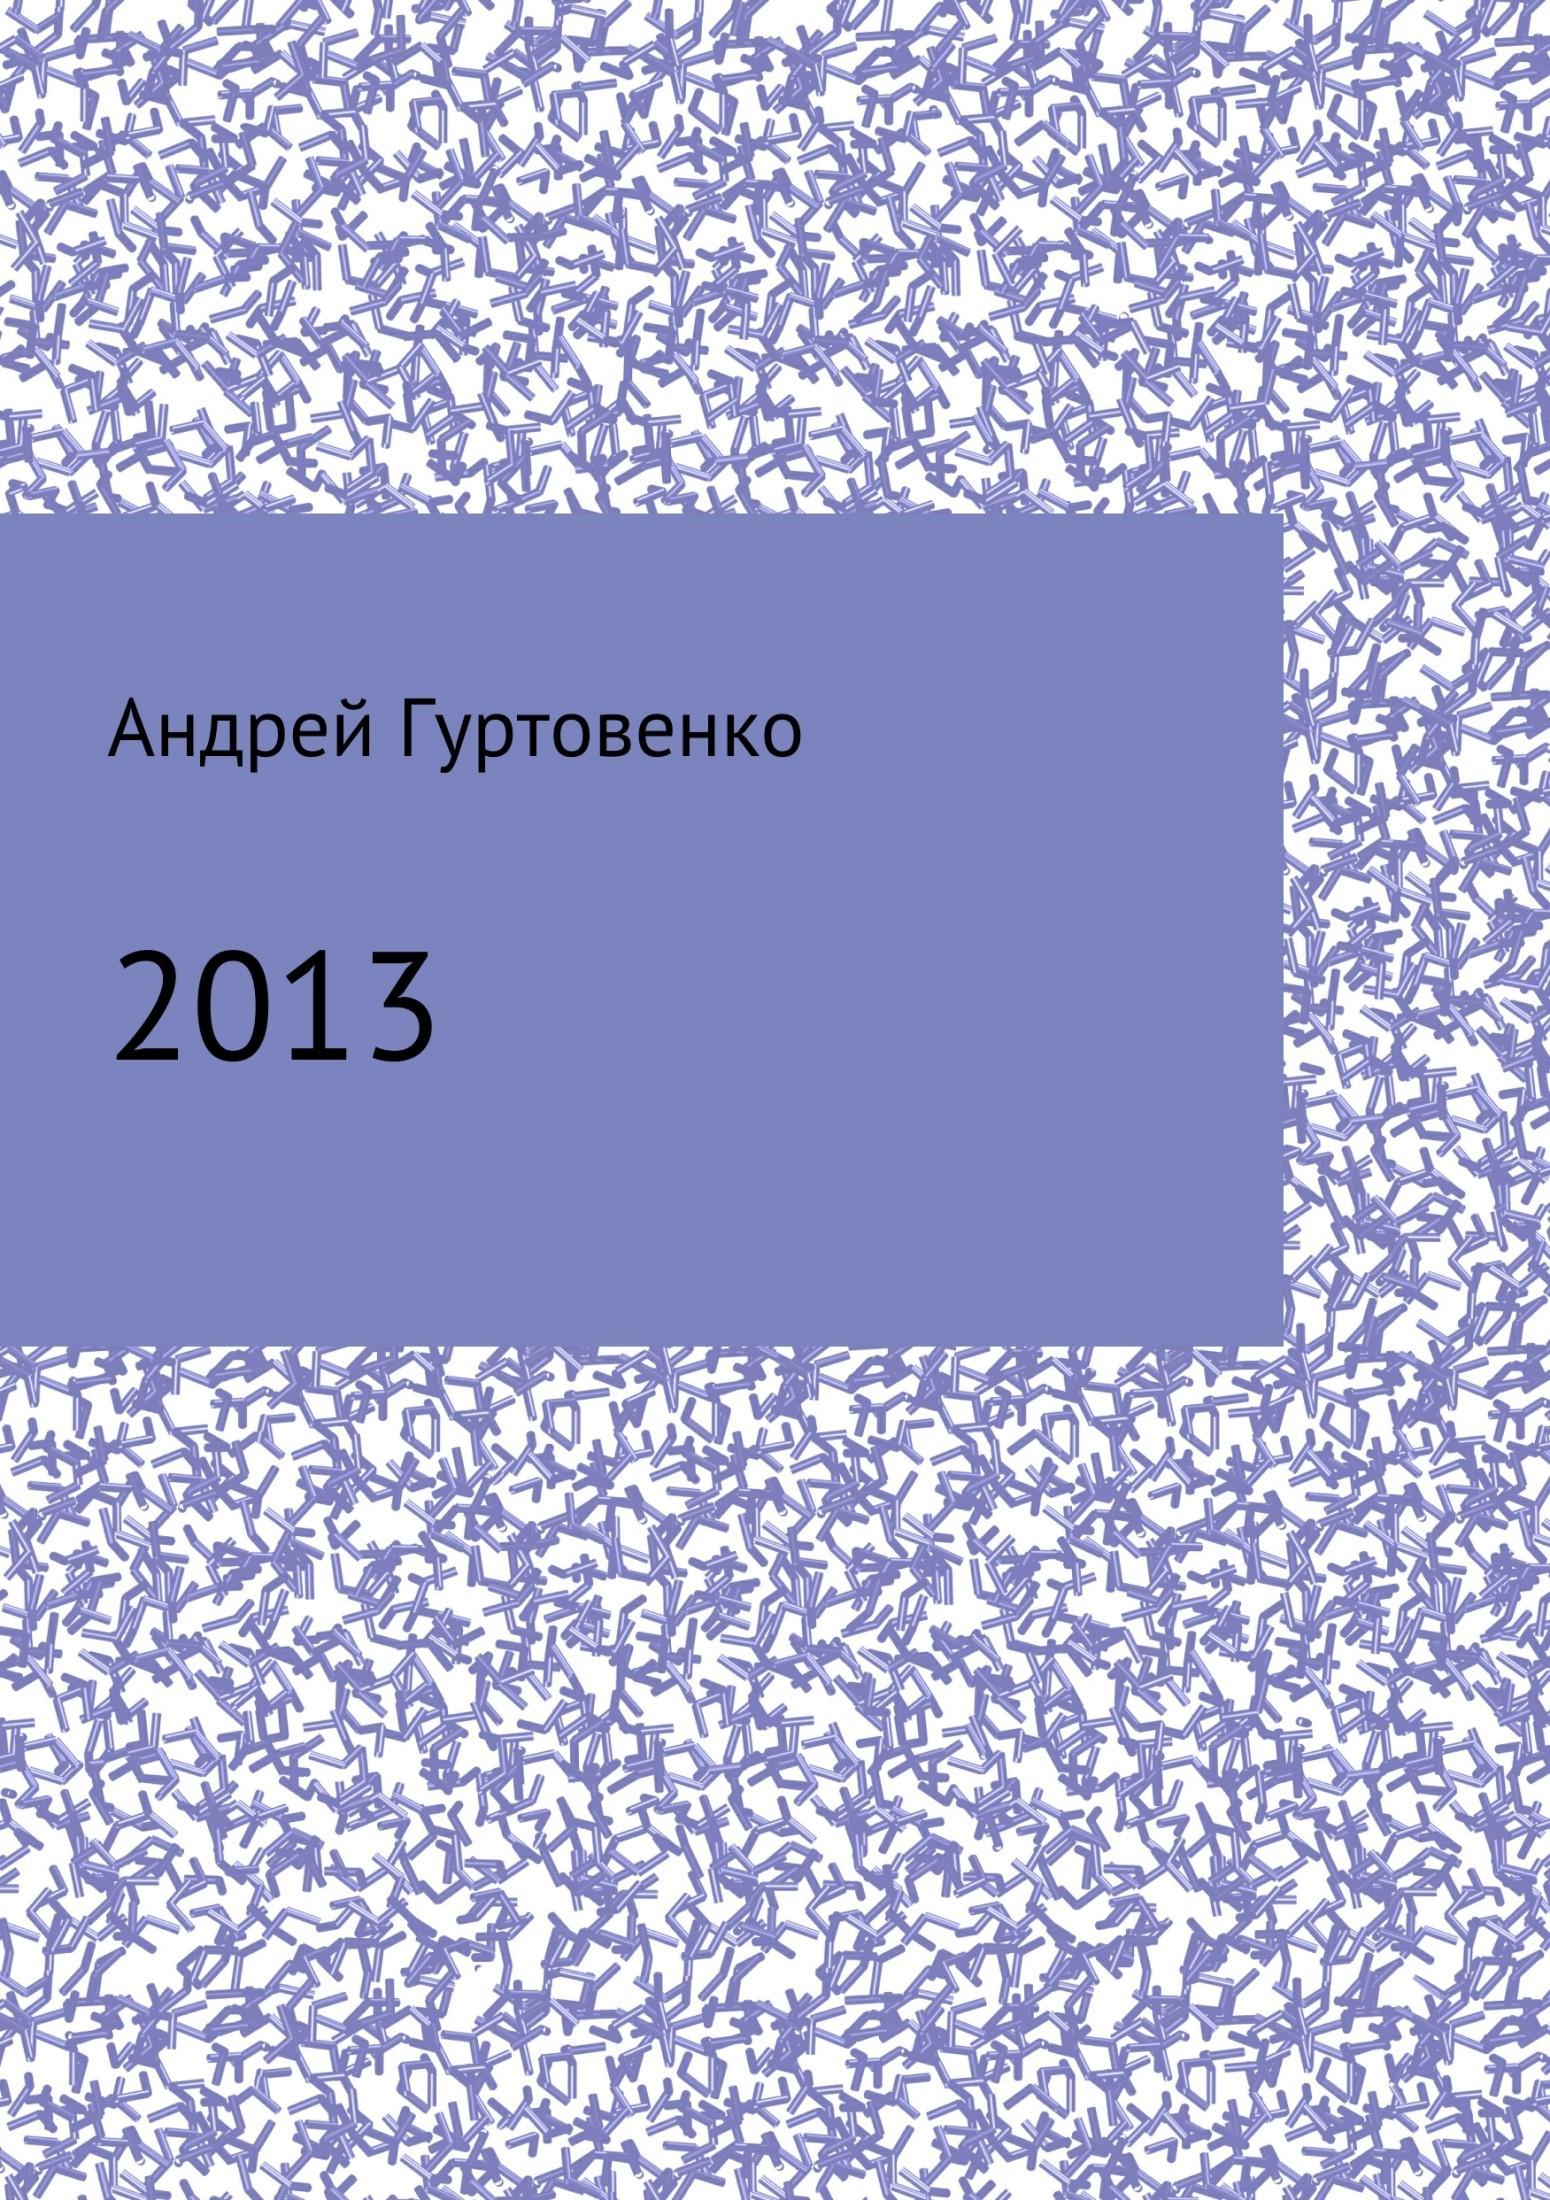 Андрей Гуртовенко бесплатно